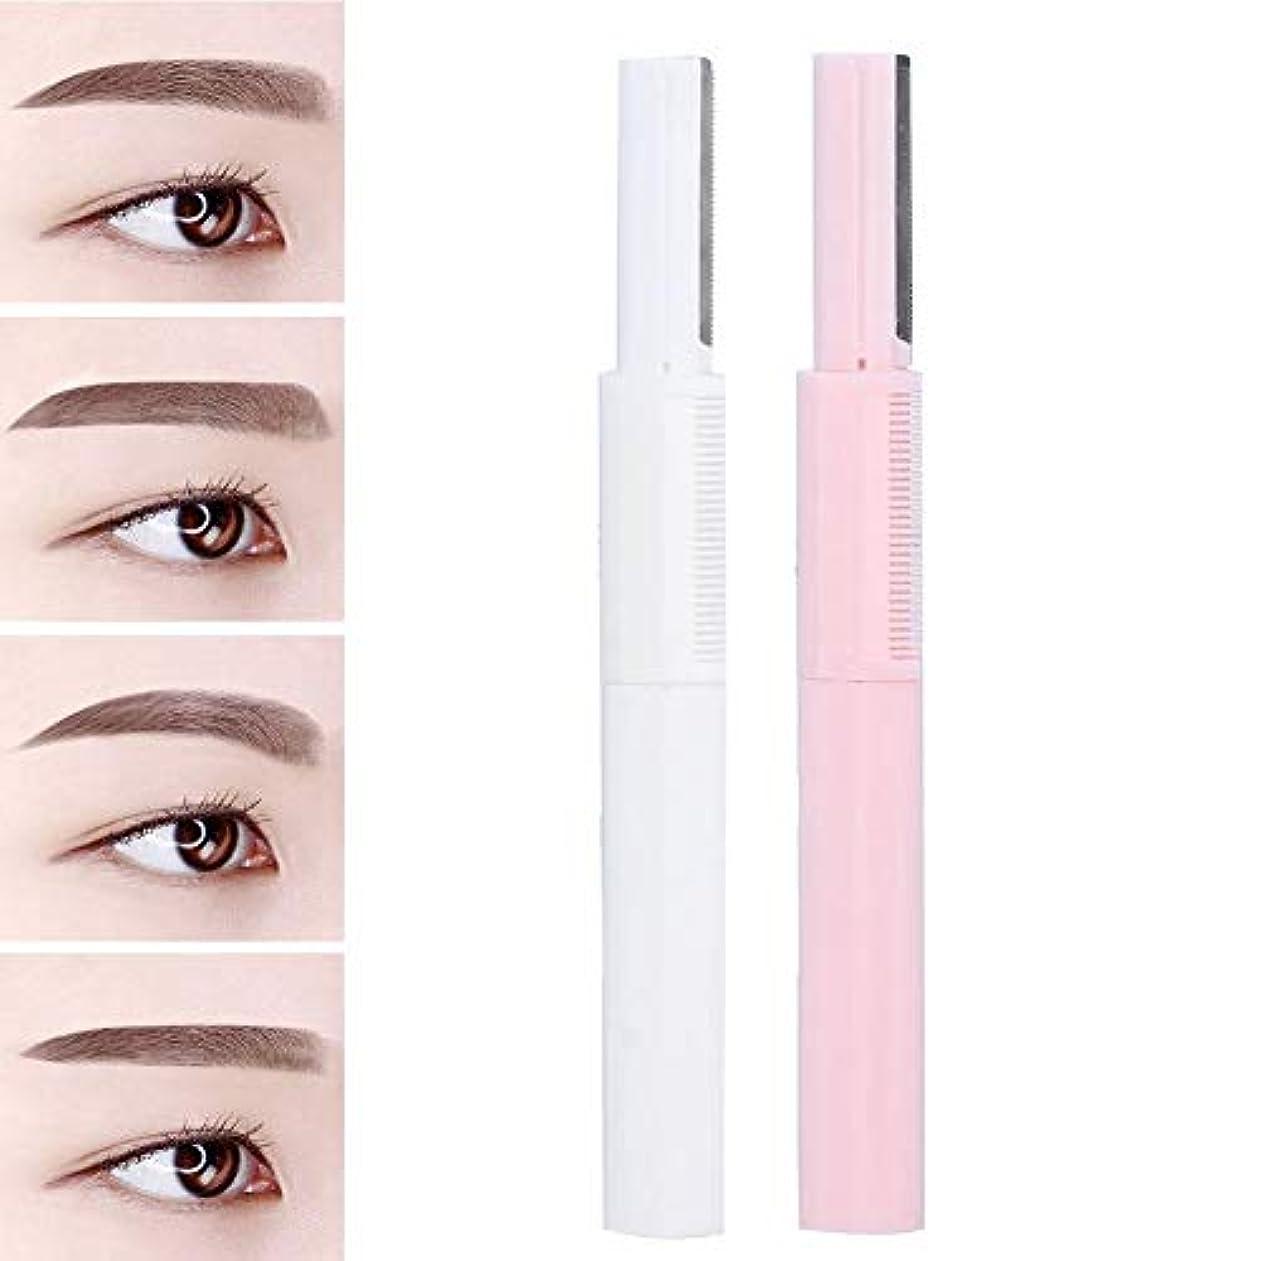 2本眉毛かみそりメイクアップツール - 女性と男性の顔の除去剤、シェービンググルーミングキット - 私たちの眉毛の顔の毛の除去